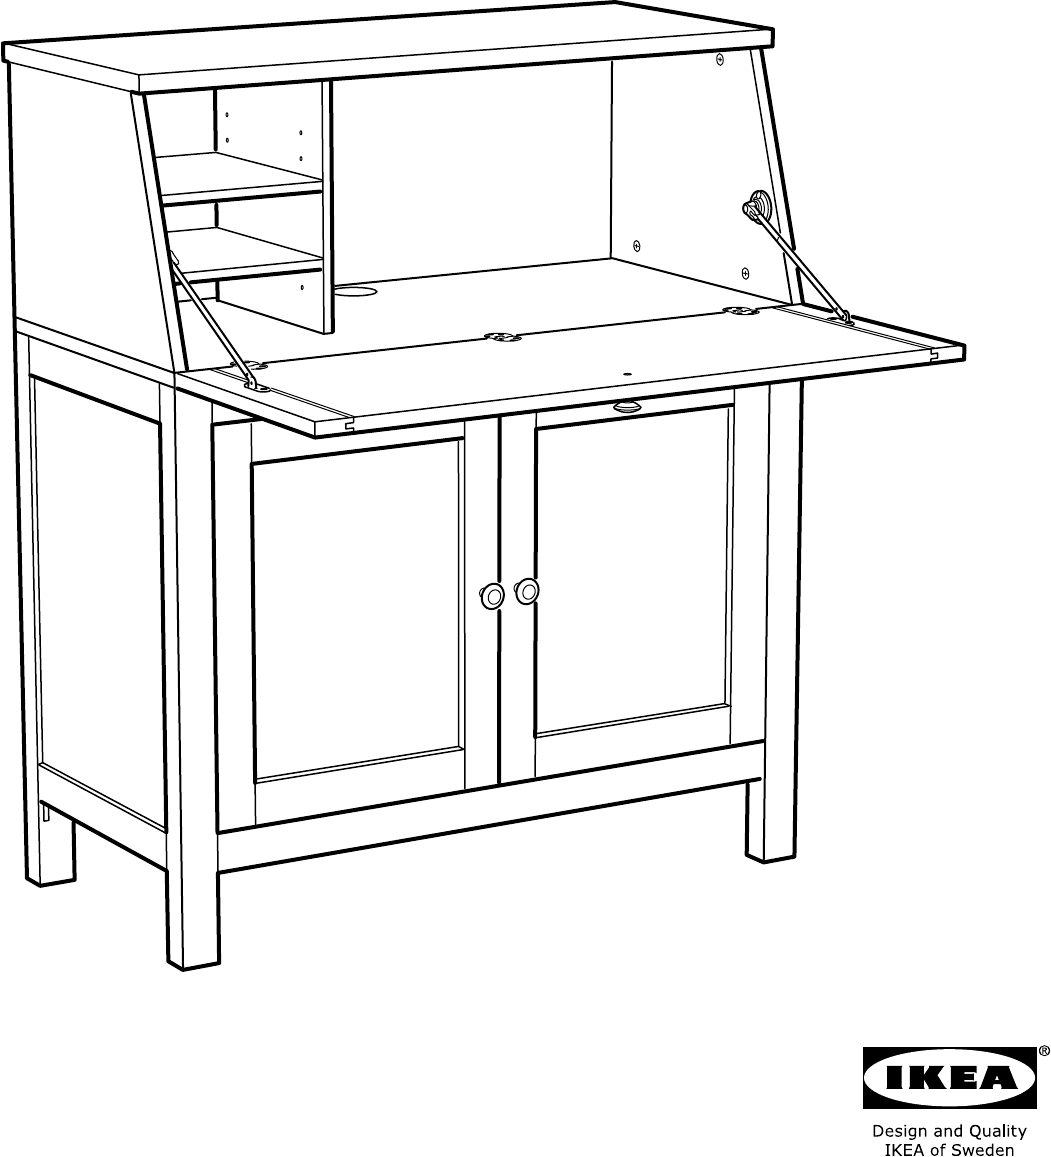 Handleiding ikea hemnes secretaire pagina 1 van 40 dansk deutsch english - Ikea secretaire bureau ...